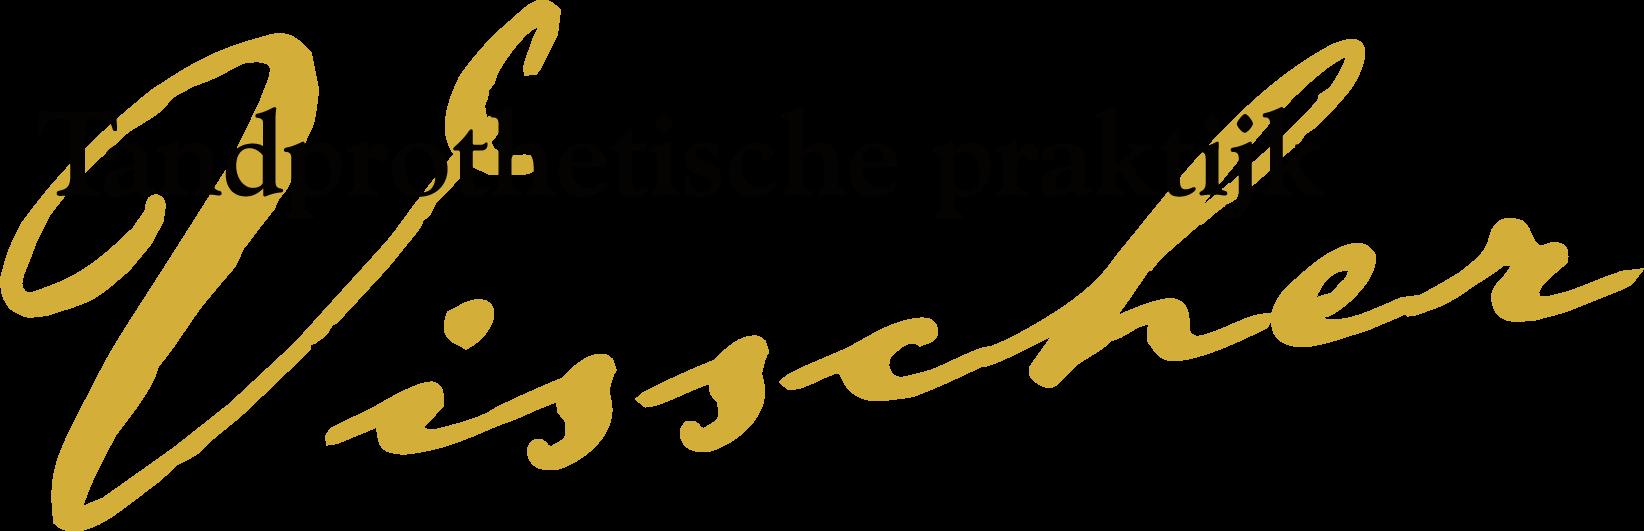 Tandprothetische Praktijk J.F. Visscher | Hoogezand-Sappemeer